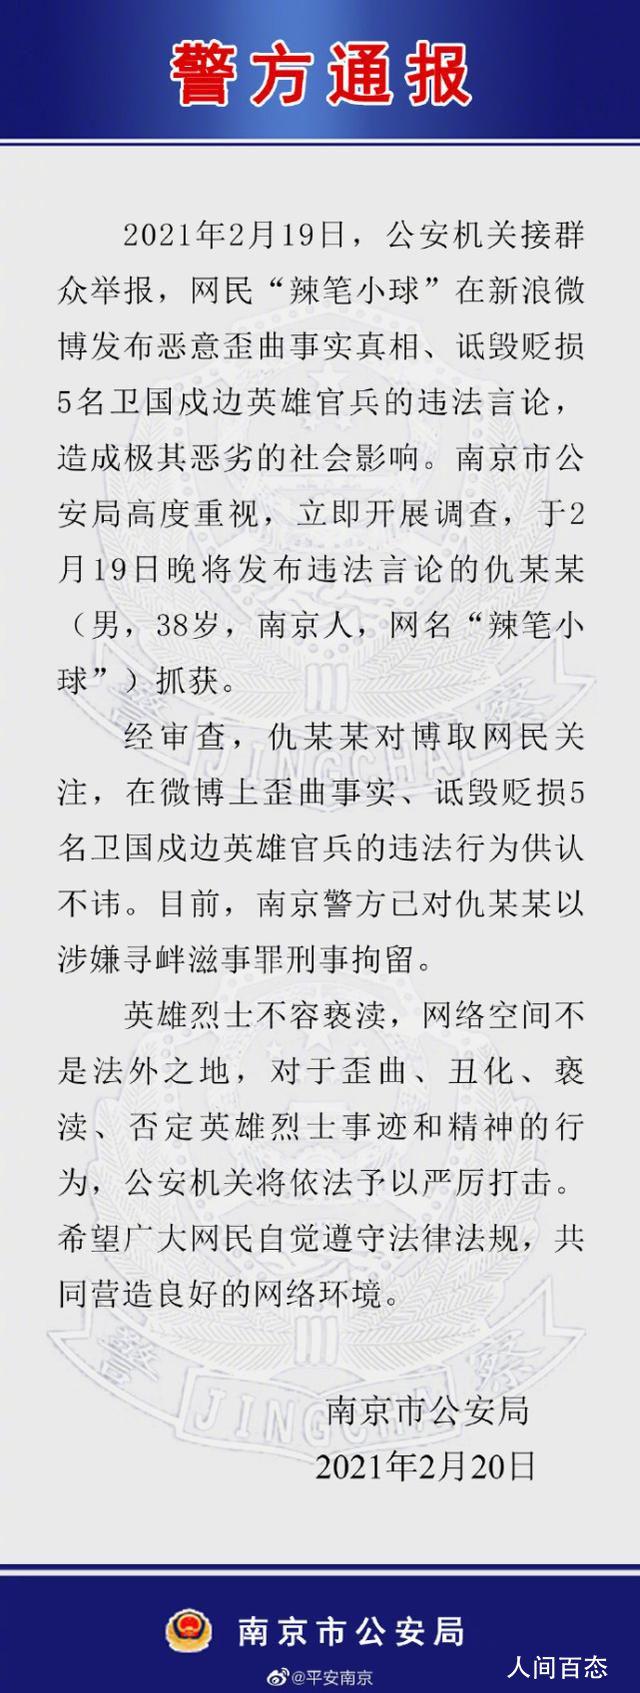 警方通报大V诋毁戍边英雄:刑拘 辣笔小球是谁叫什么名字